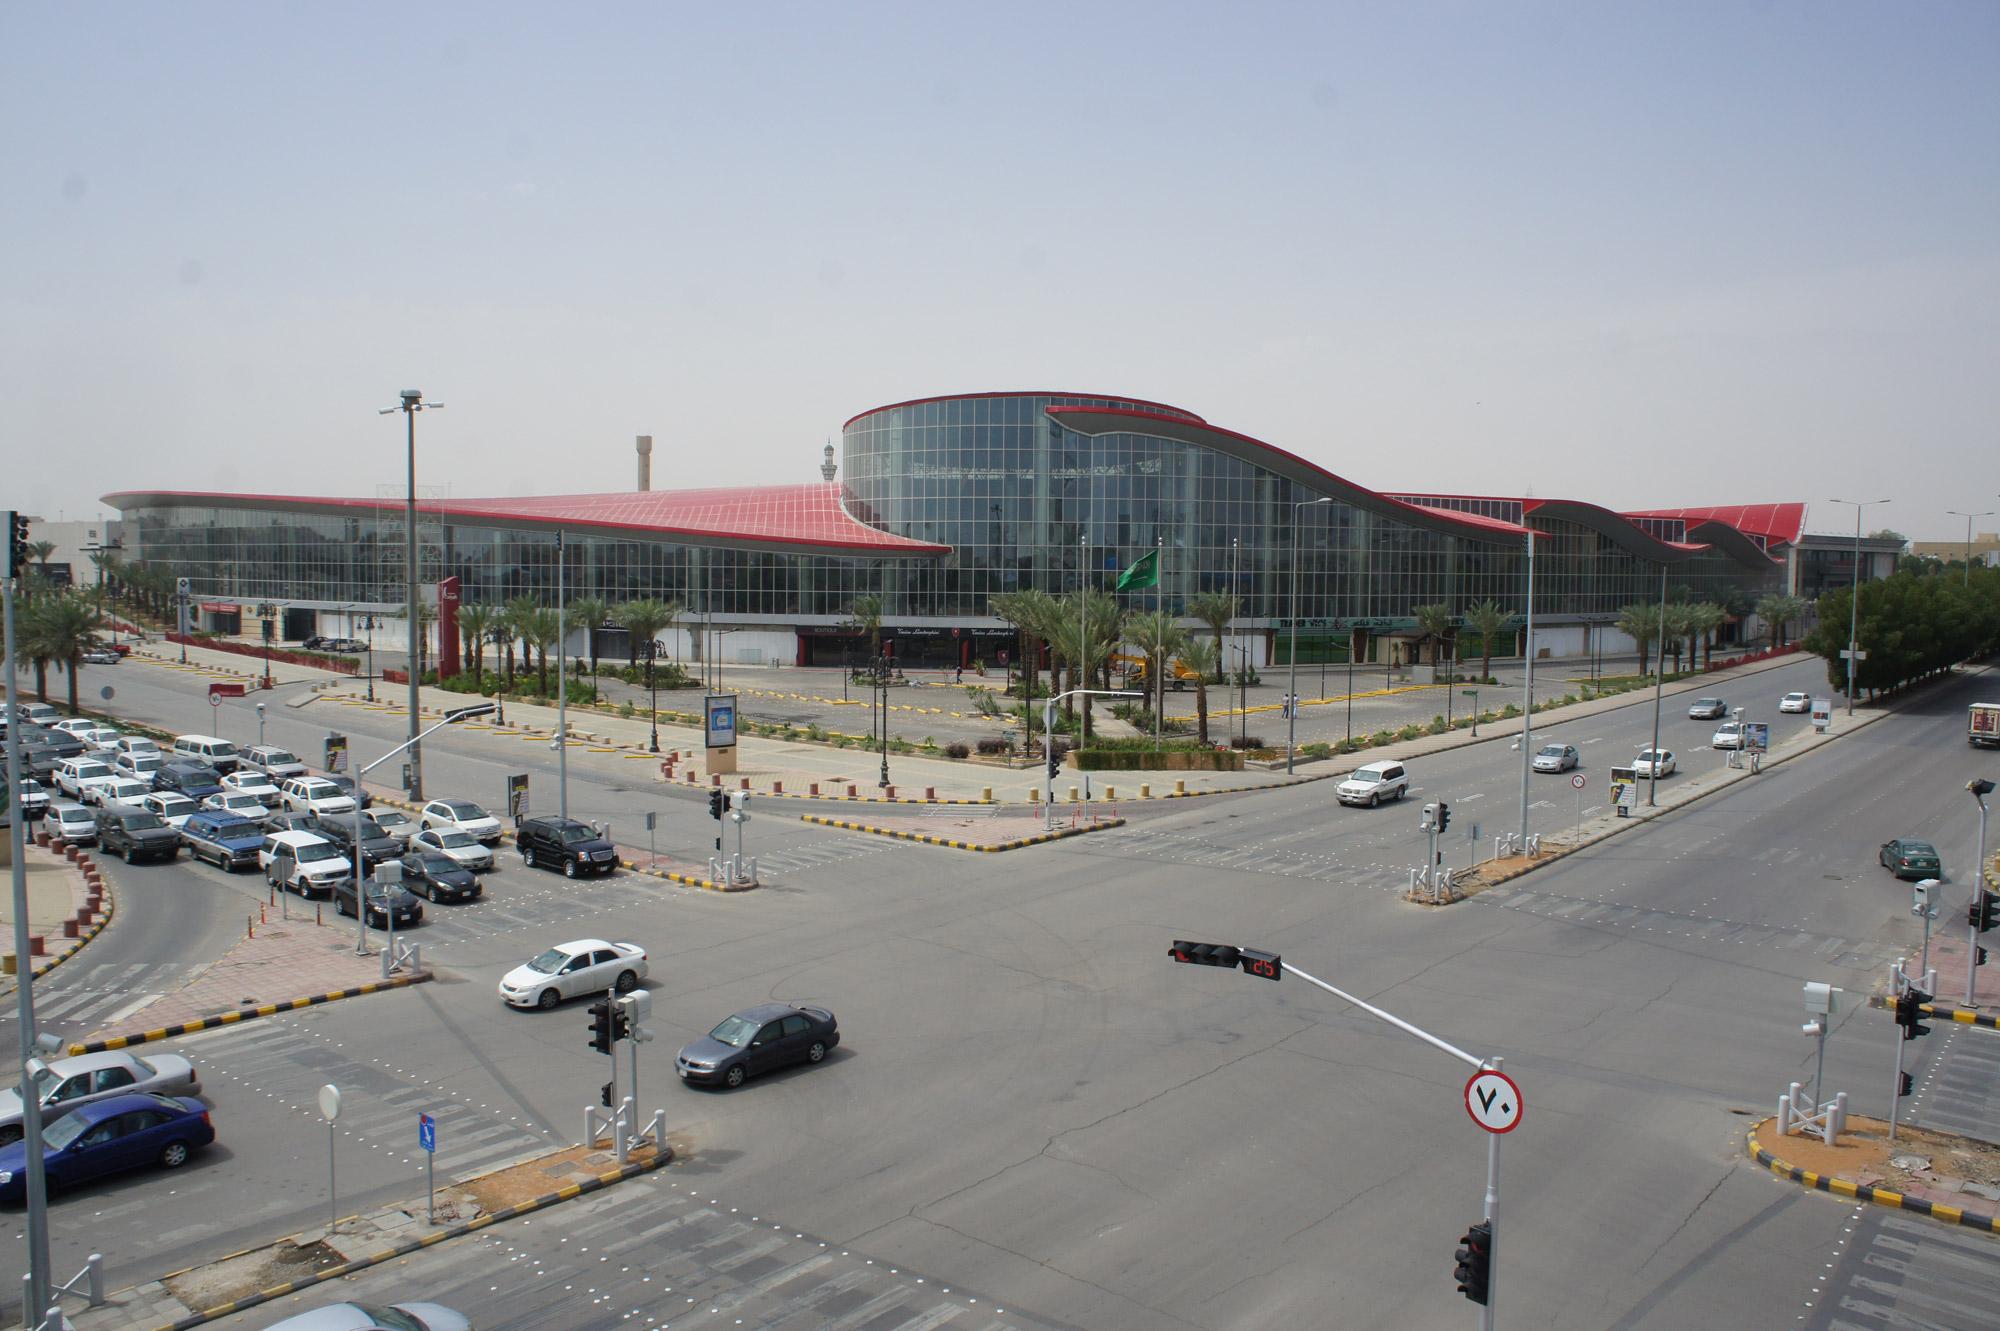 صورة اين يقع حي الاندلس بالرياض , اين يكون حي الاندلس في مدينة الرياض